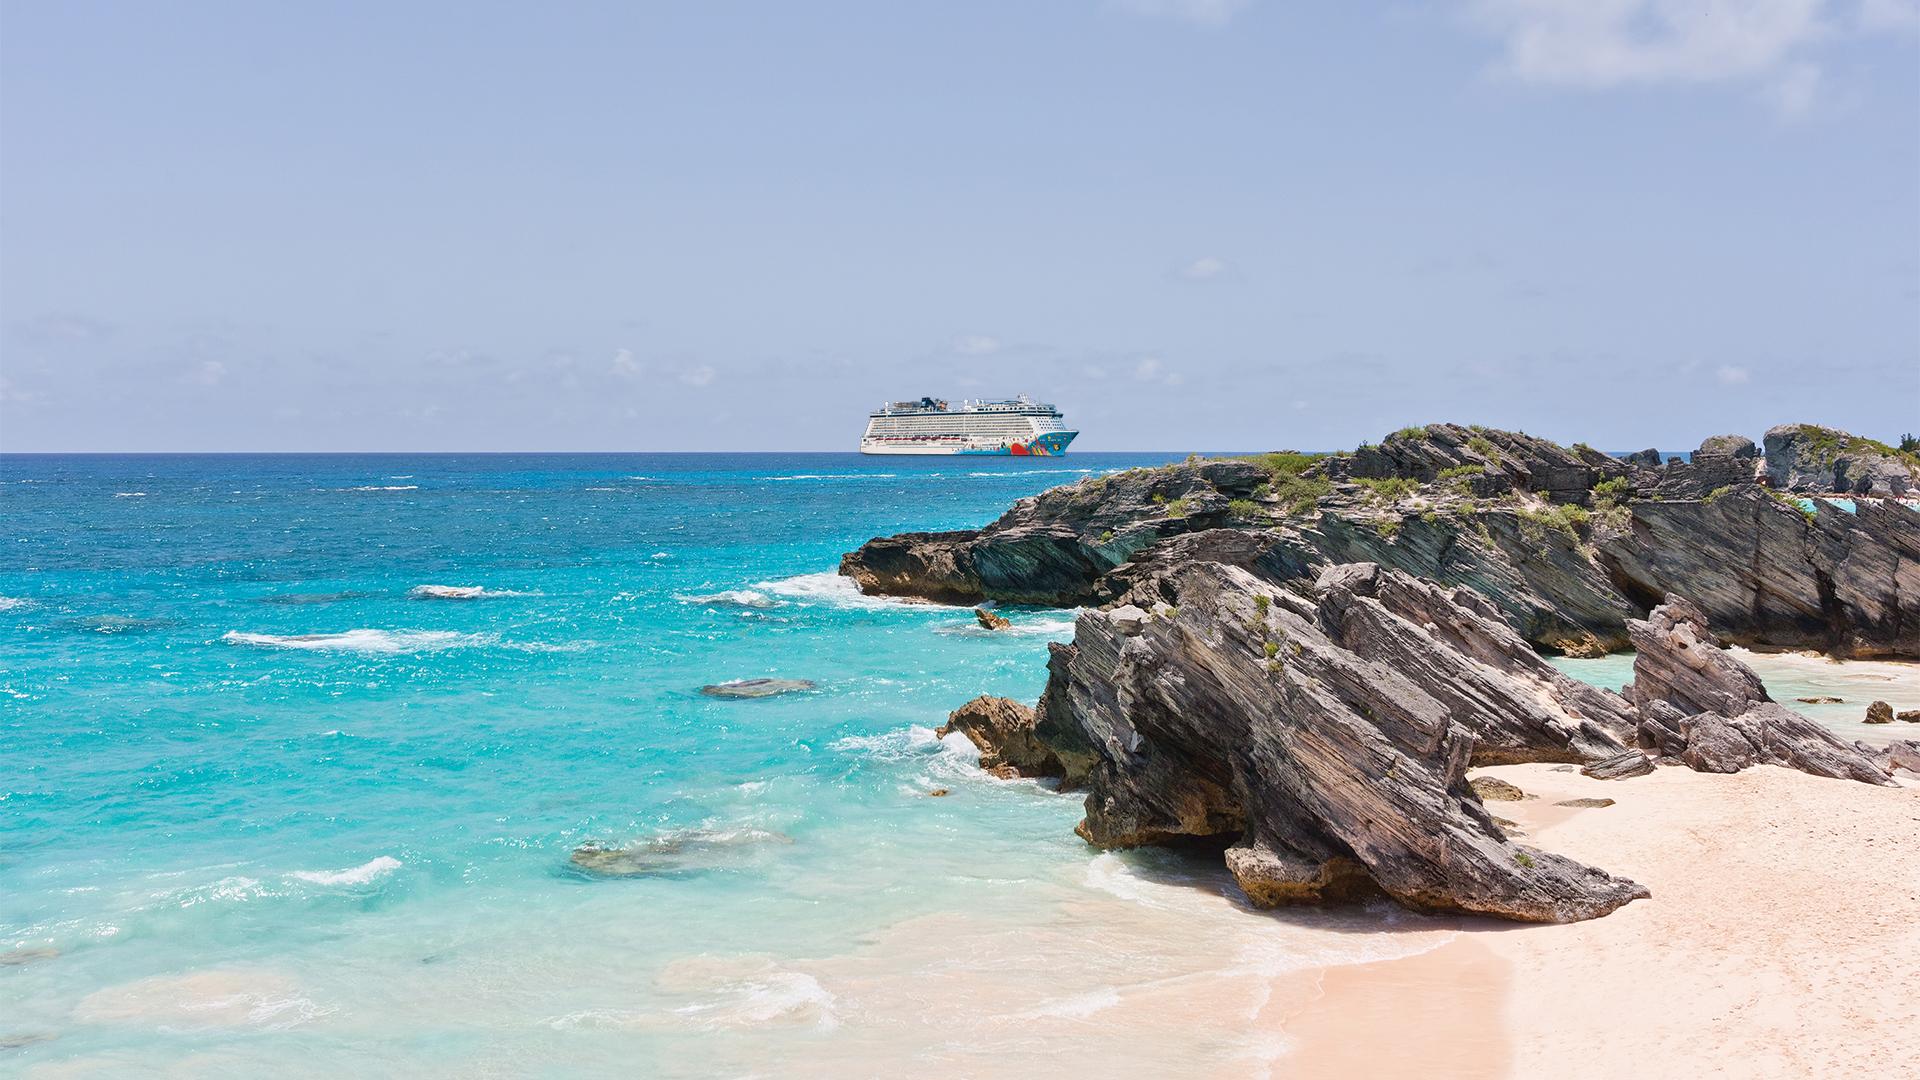 Karibien i hösttill magiska priser - Norwegian Breakaway trafikerar Karibien i höst. Flera avgångar till mycket bra priser.